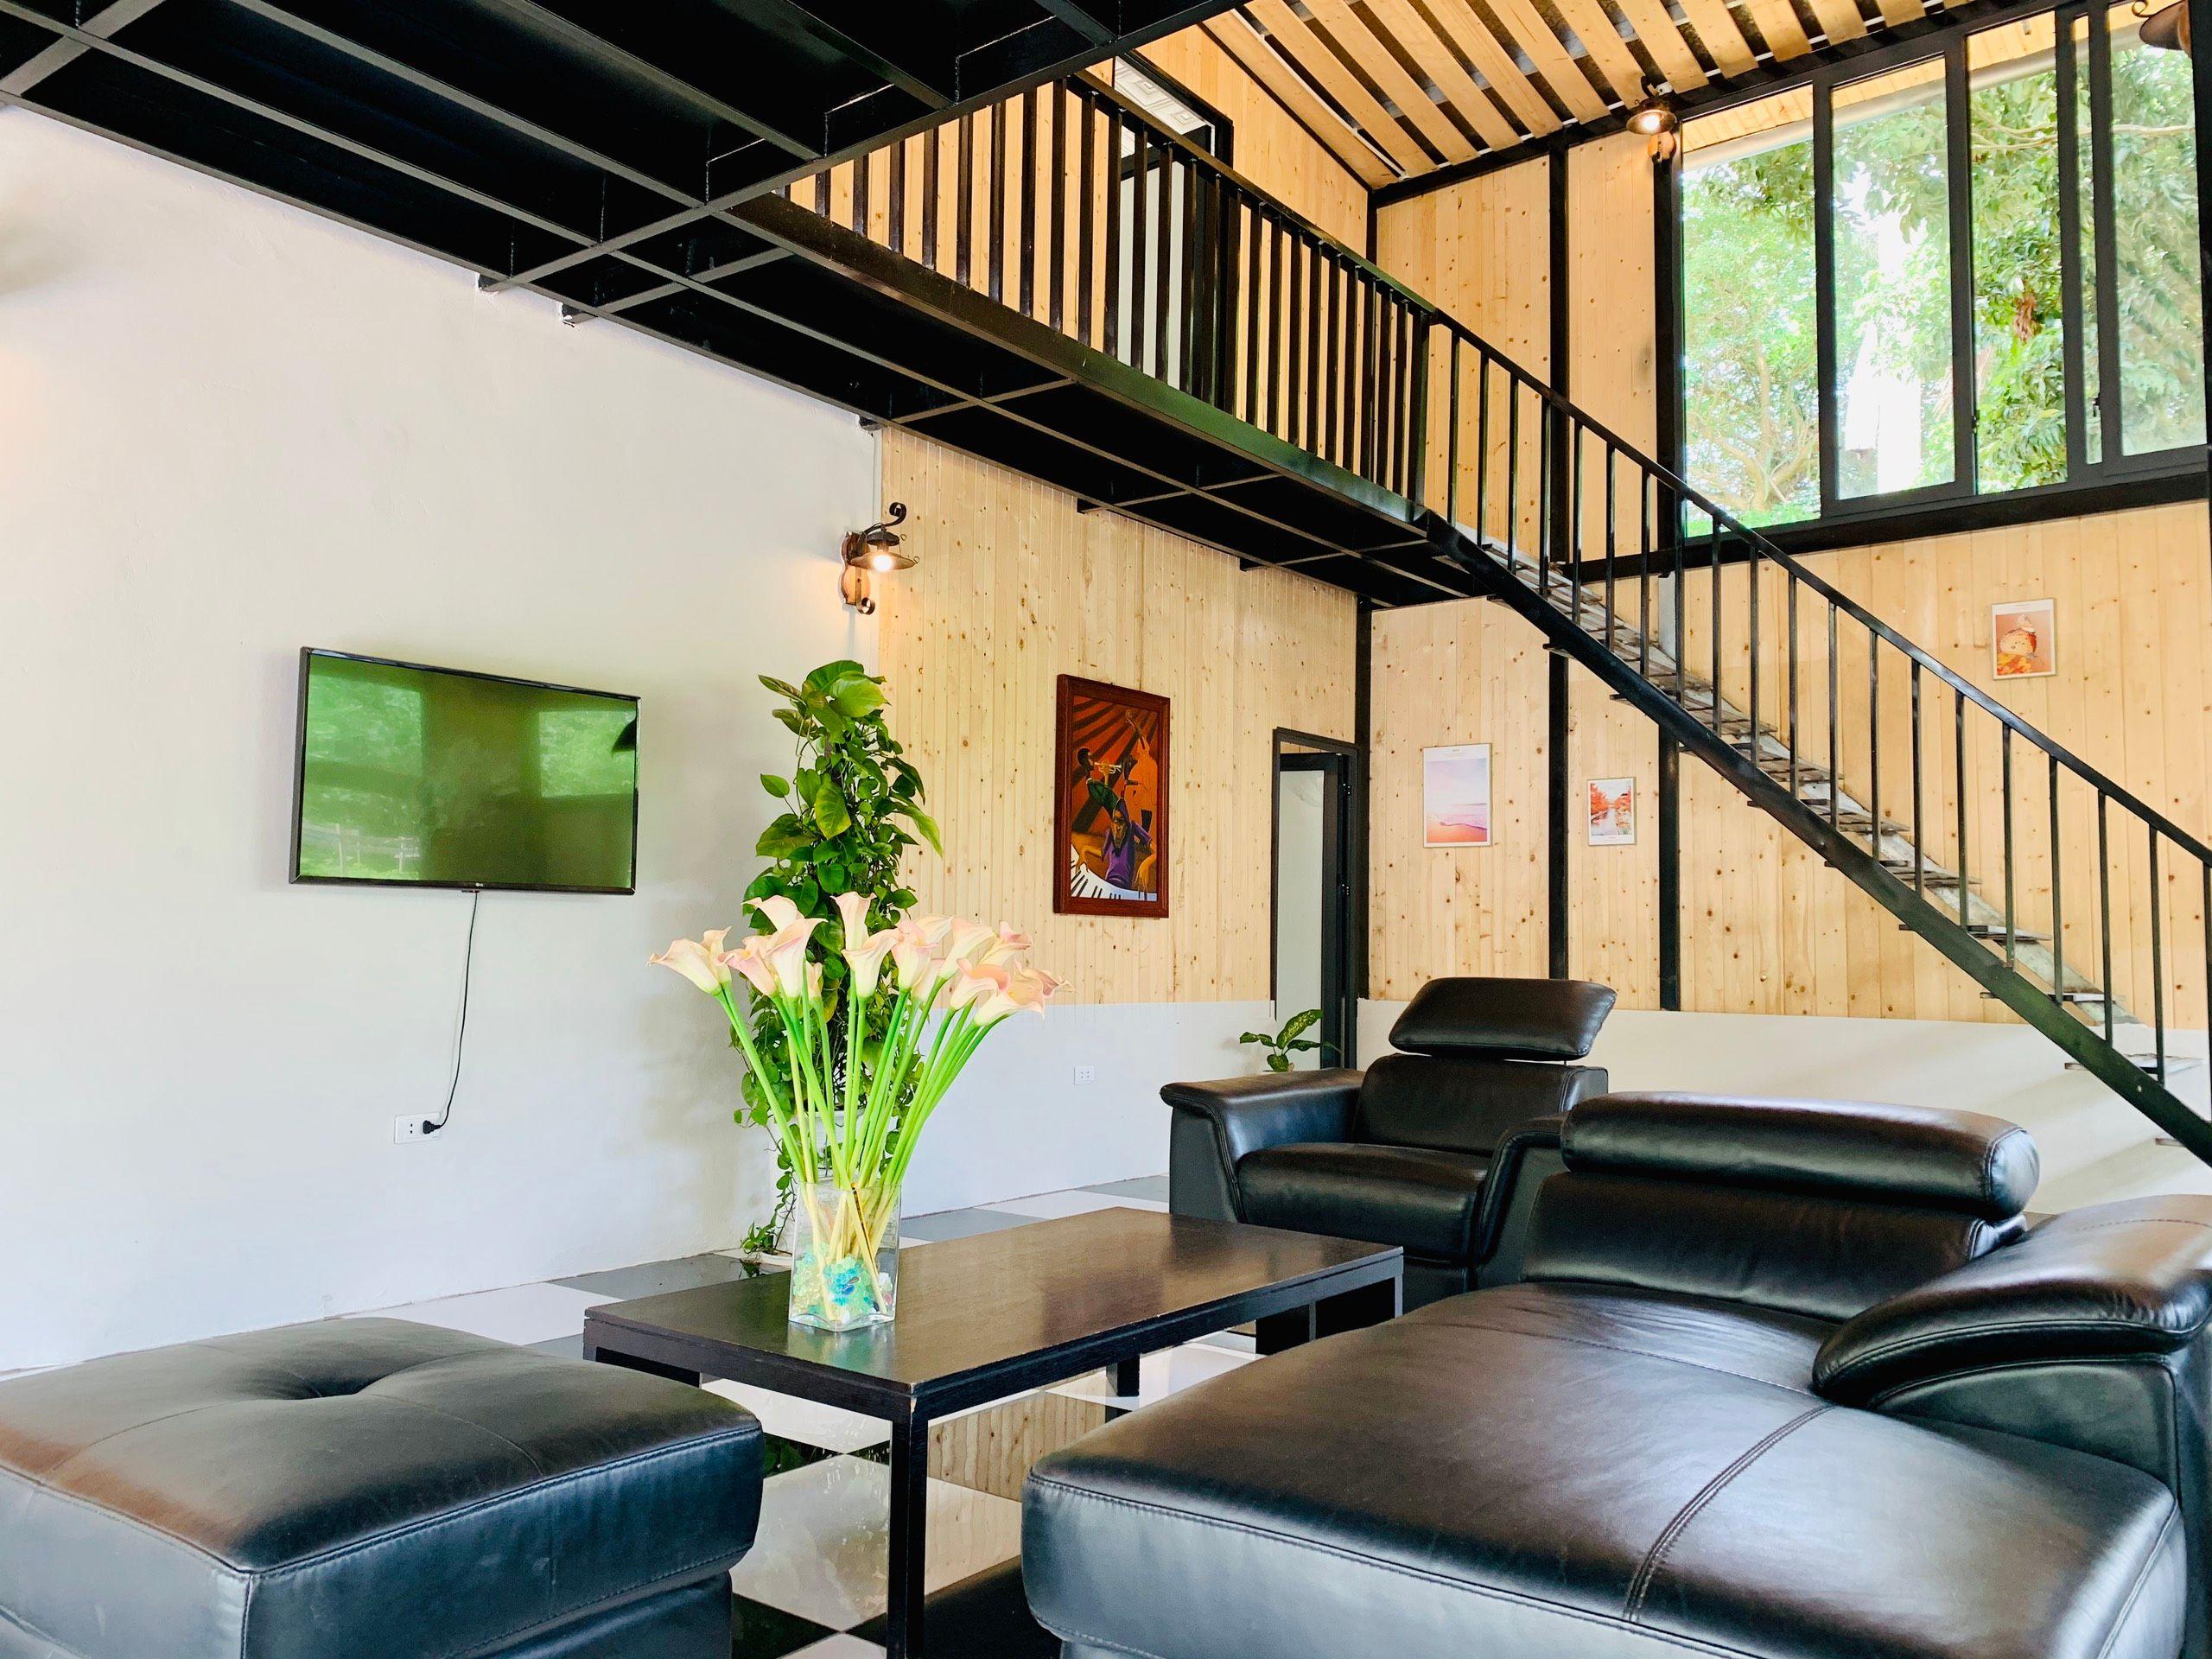 phong khach venus an garden retreat homestay thach that ha noi